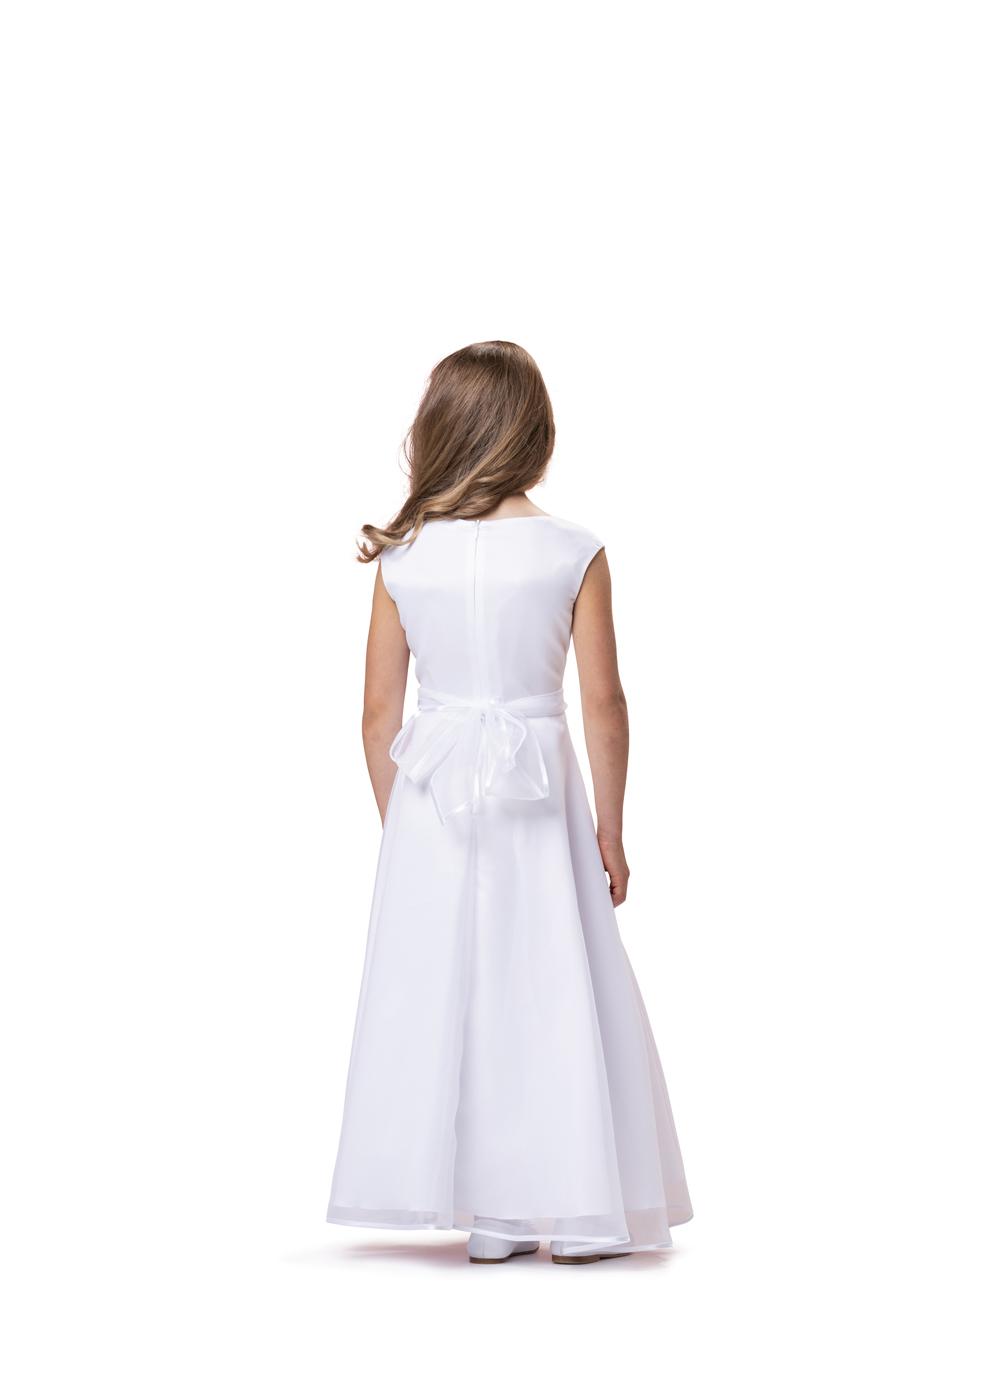 Kommunionkleid lang von Biancorella - Modell 554700. Klassisches Kommunionkleid mit rundem Ausschnitt - bodenlang. Rückenansicht.